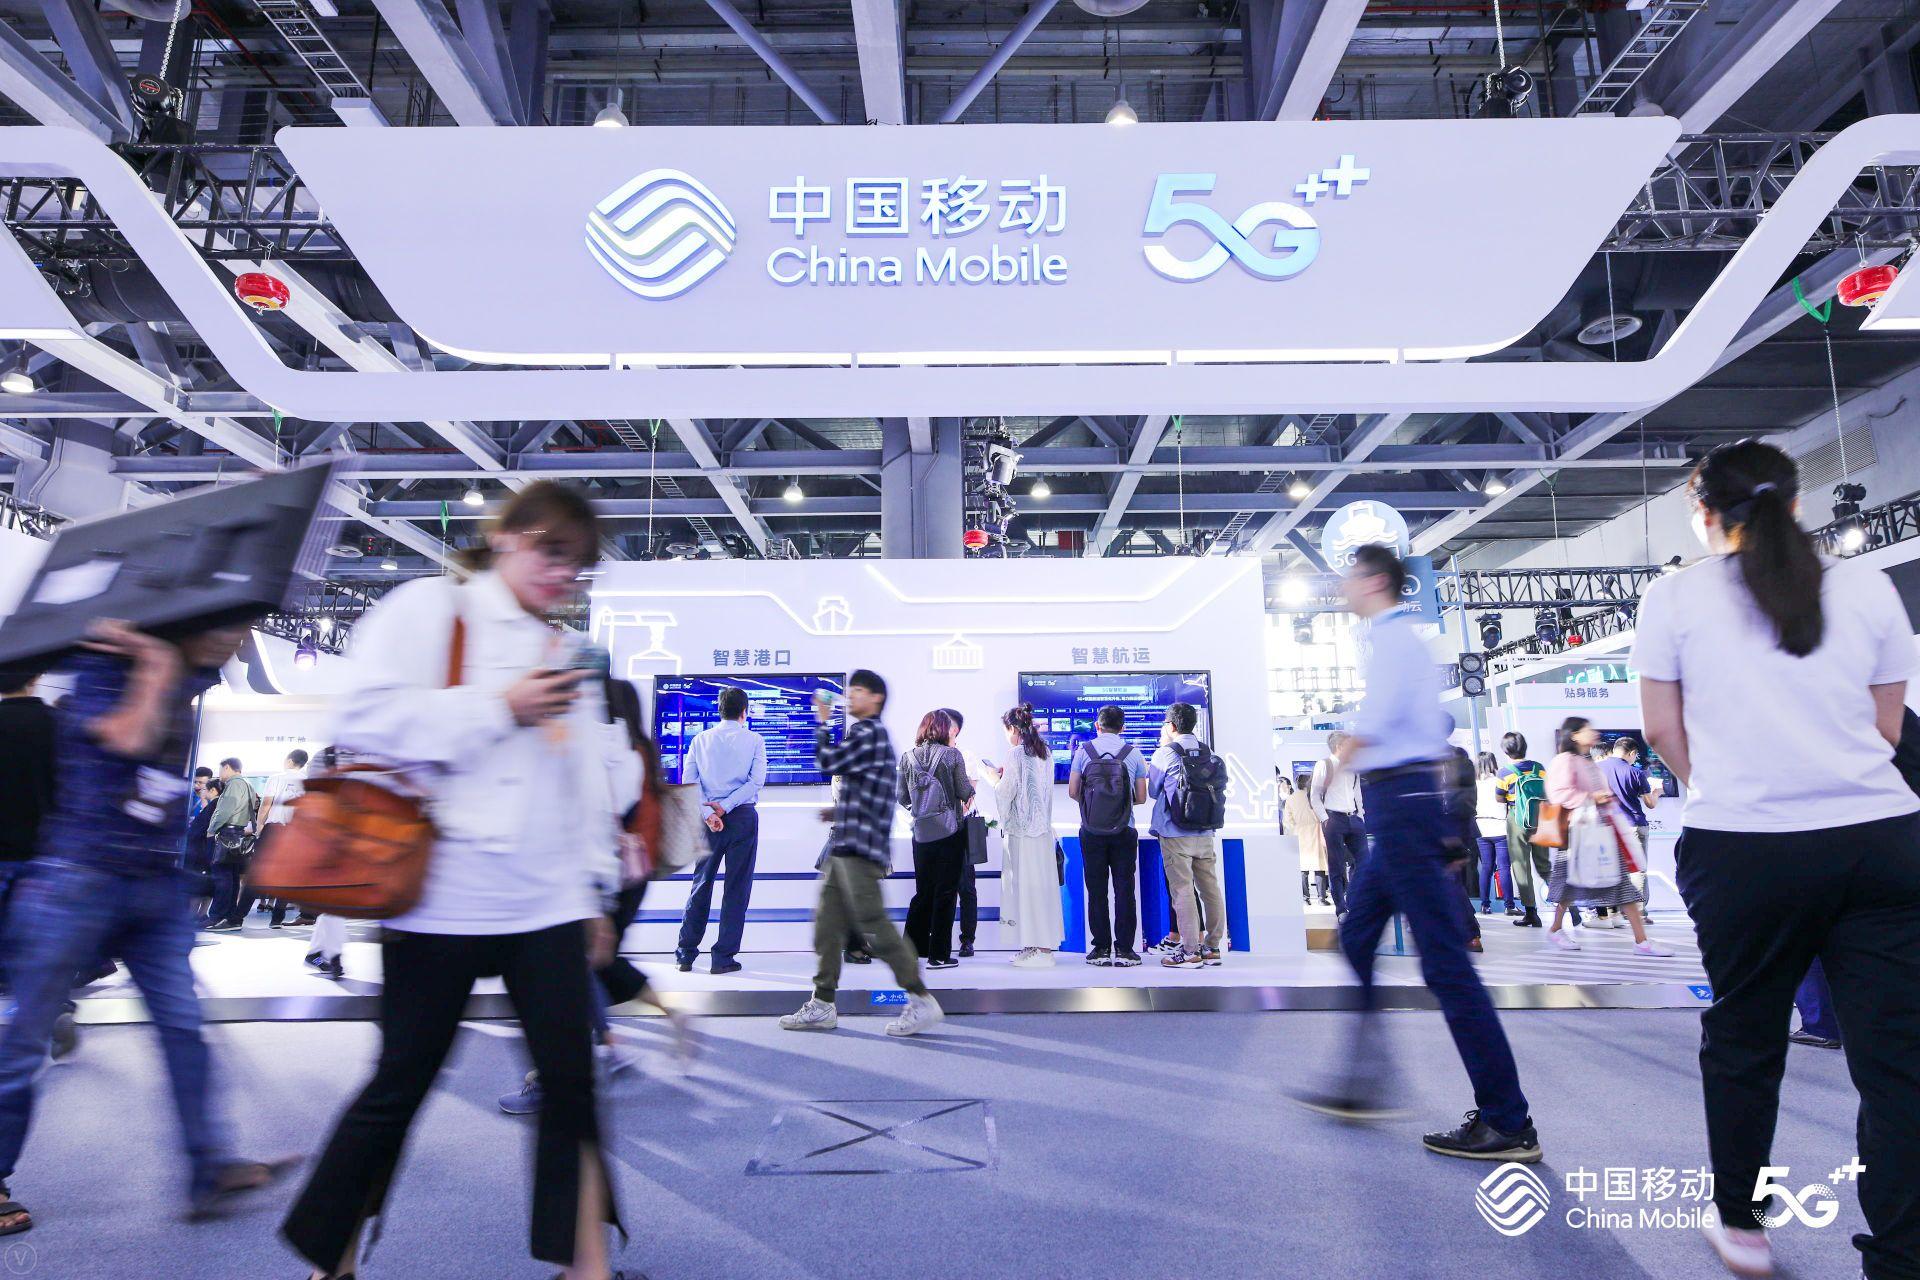 中國移動5G閃耀廣州,融入百業綻放無限精彩